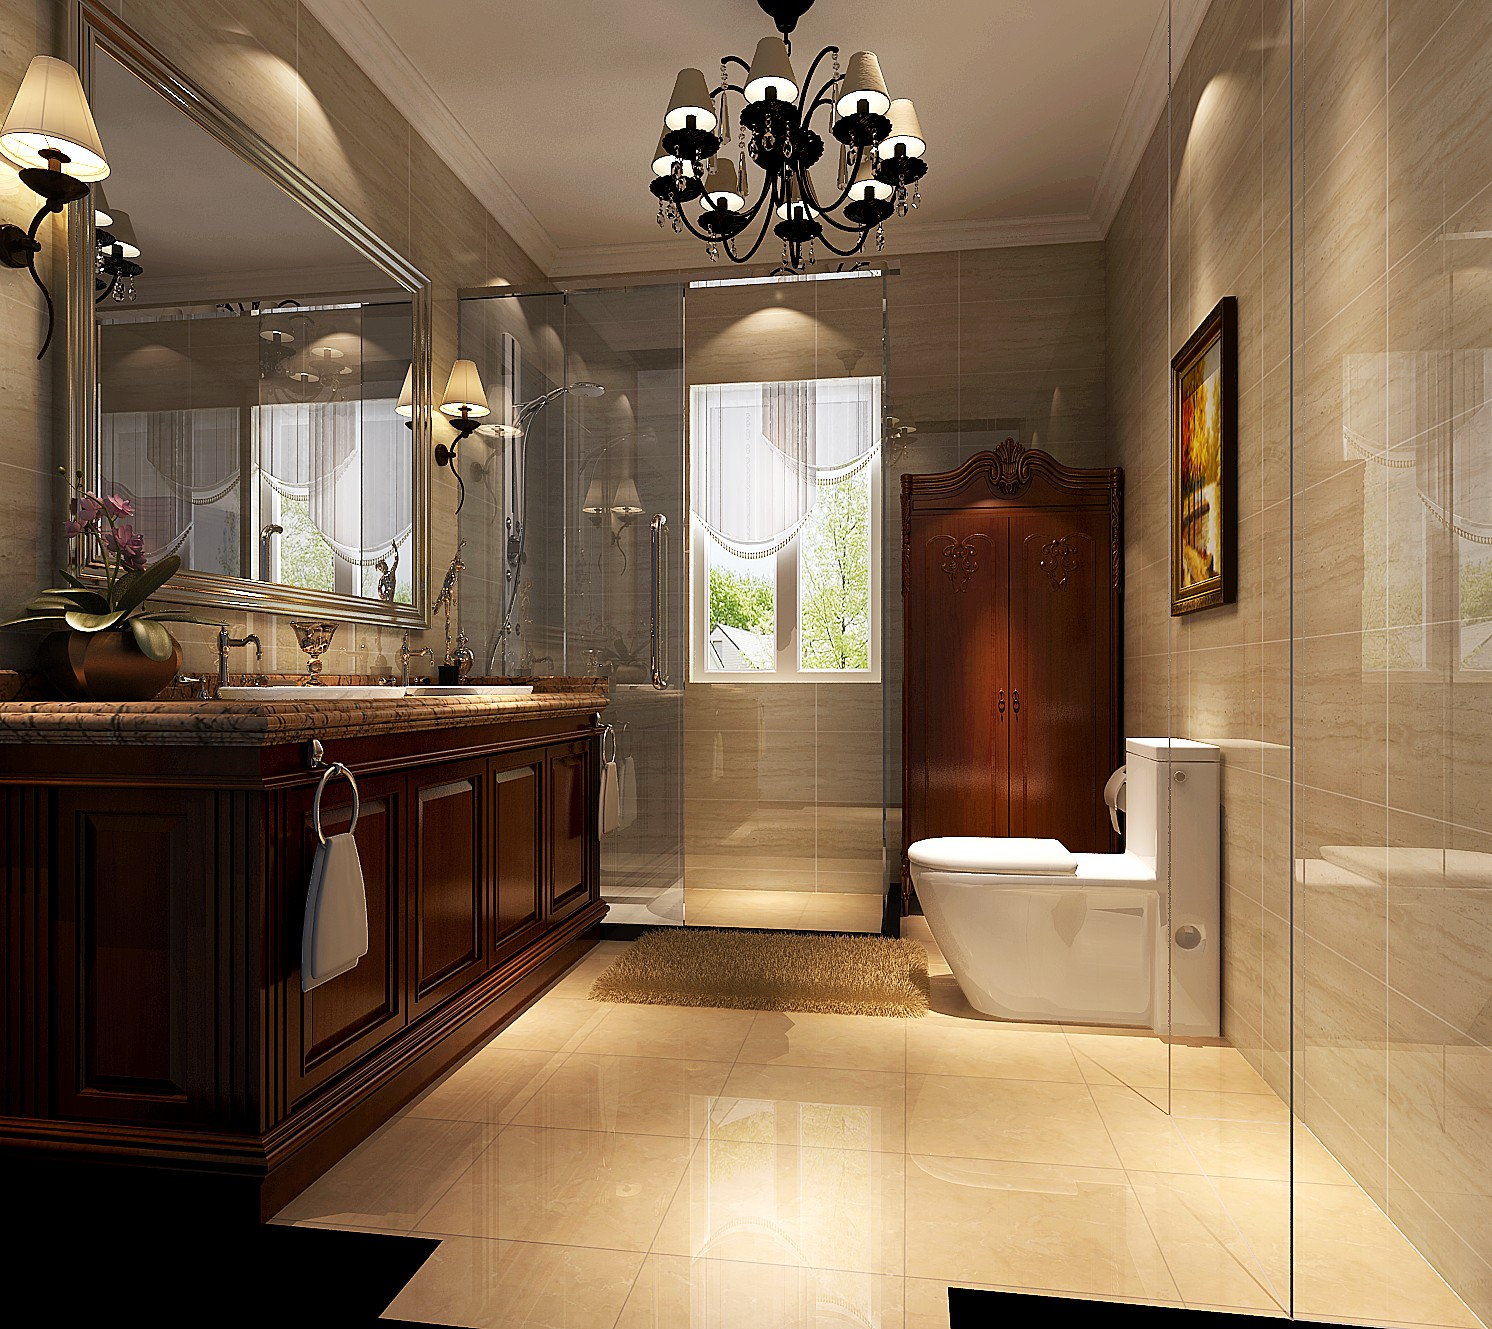 简约 美式 二居 三居 别墅 白领 收纳 旧房改造 80后 卫生间图片来自周楠在颇具时尚的美式的分享